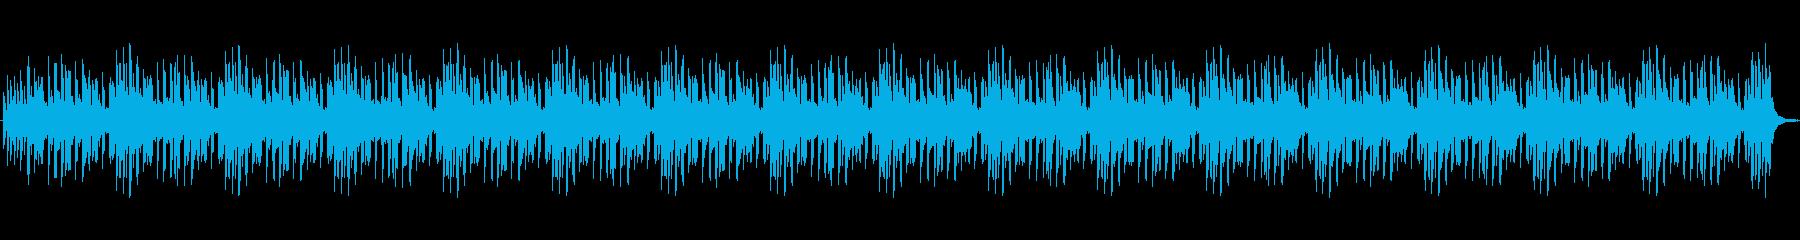 壮大・リズム・奇麗なピアノループですの再生済みの波形